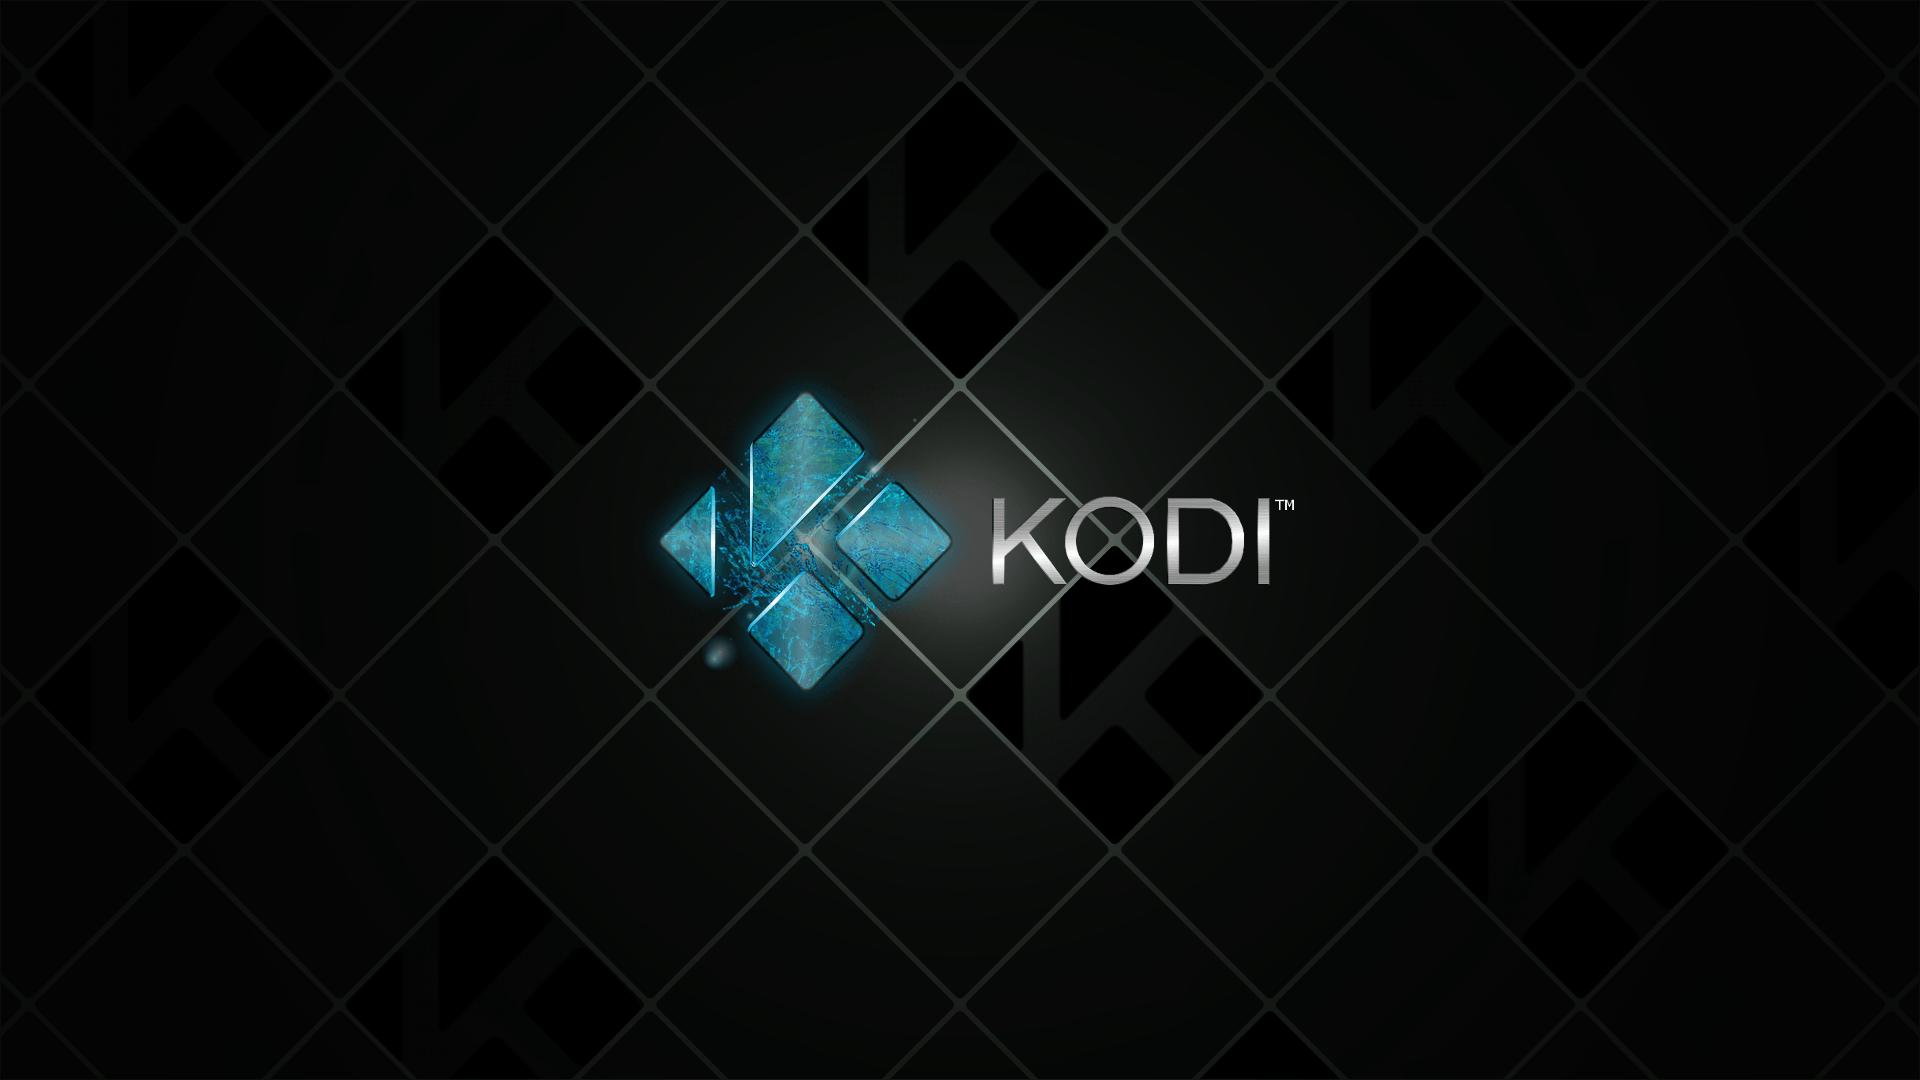 Wallpaper download kodi - Kodi Background 1080p Wallpapers Wallpapersafari